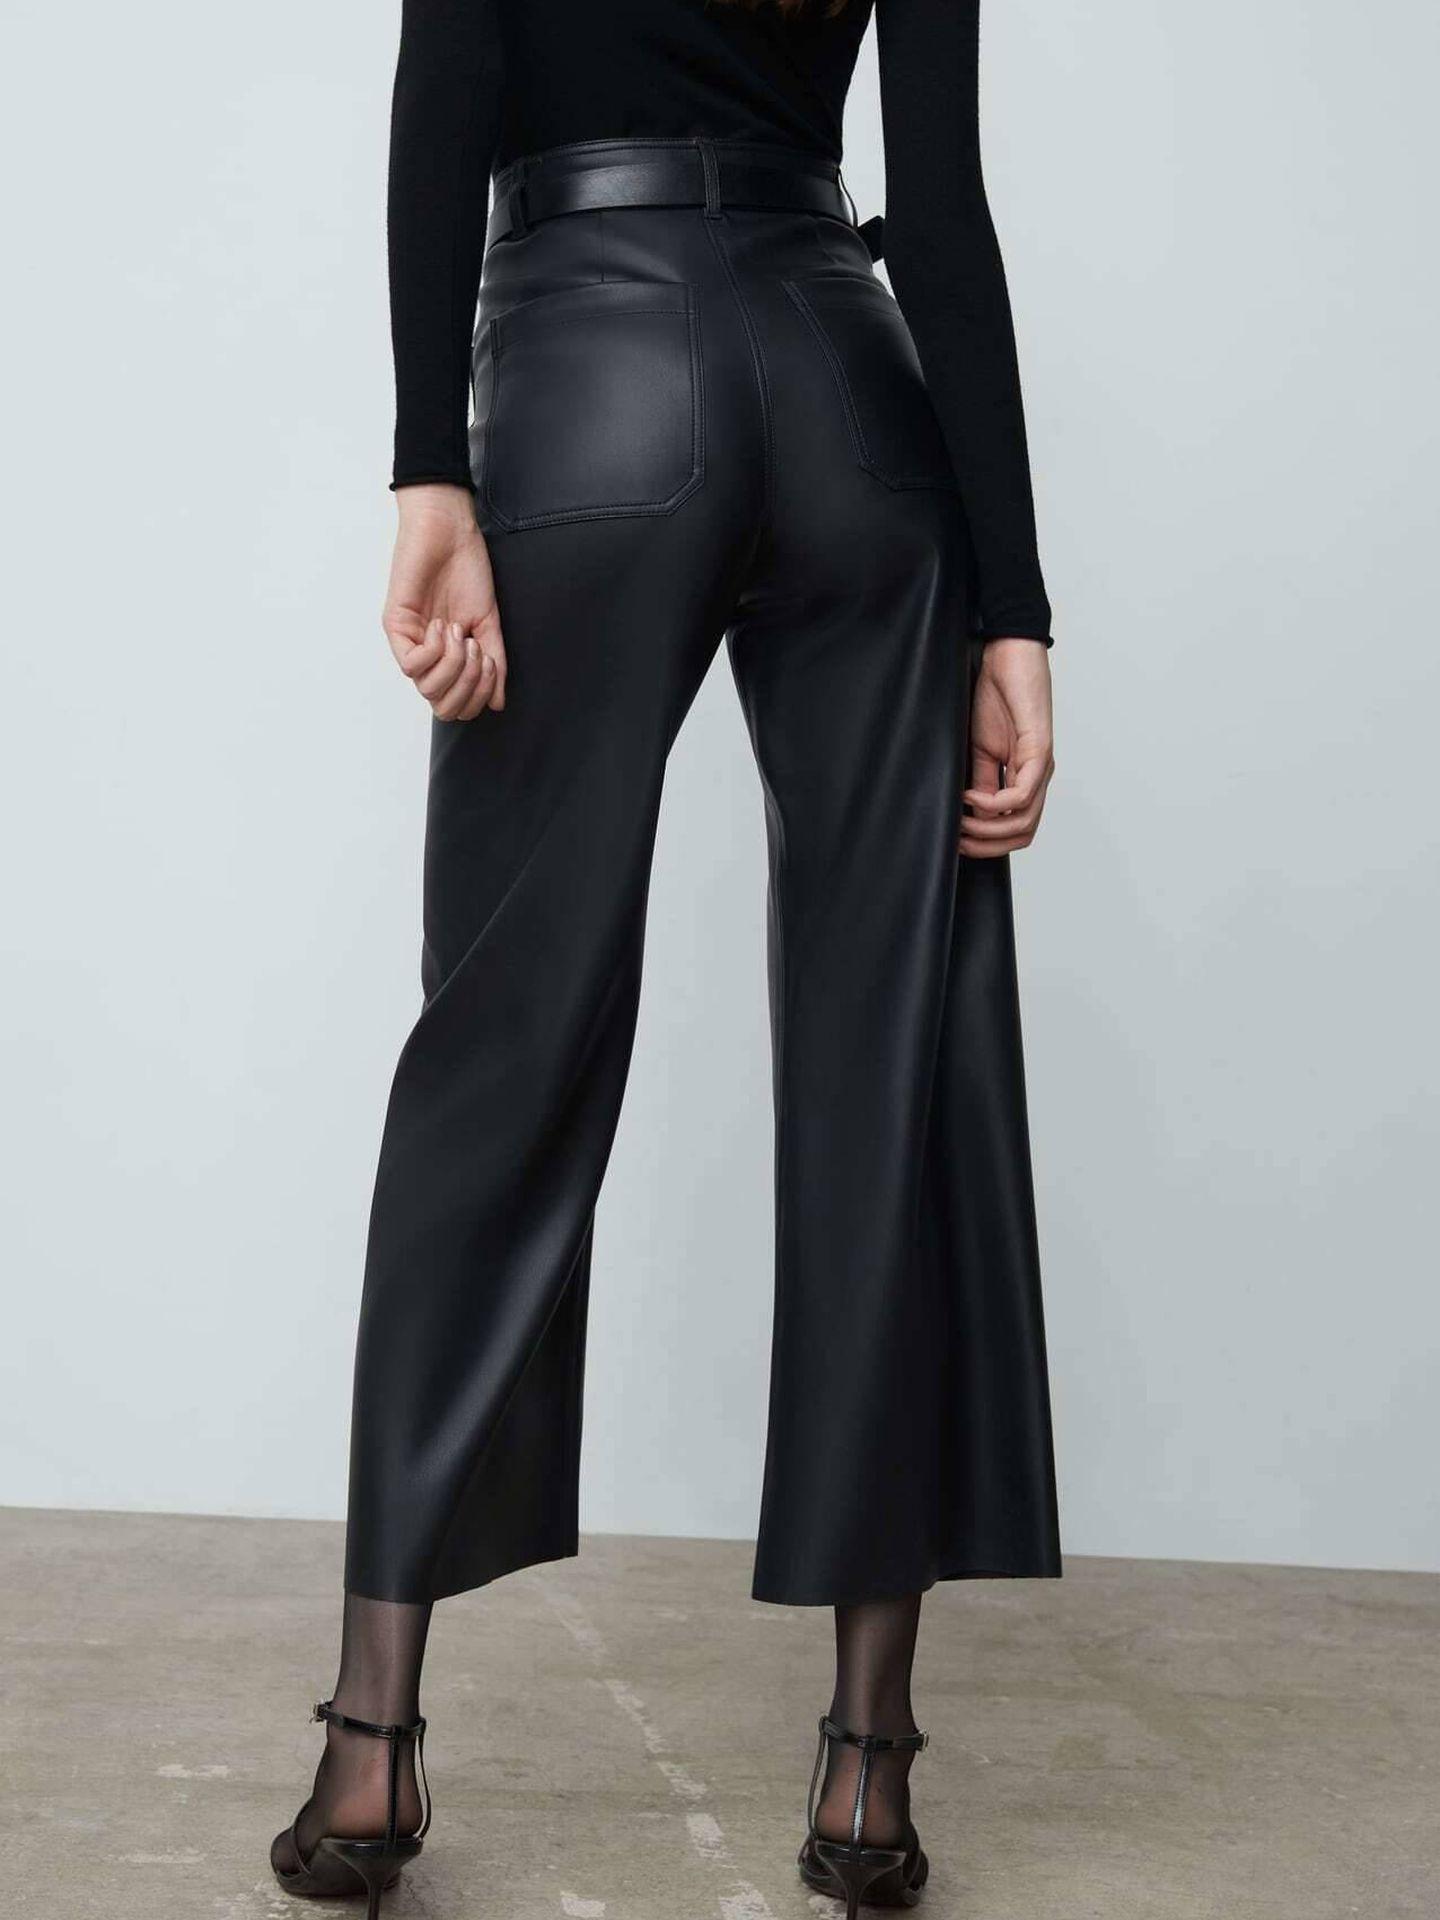 El pantalón efecto cuero de Zara. (Cortesía)